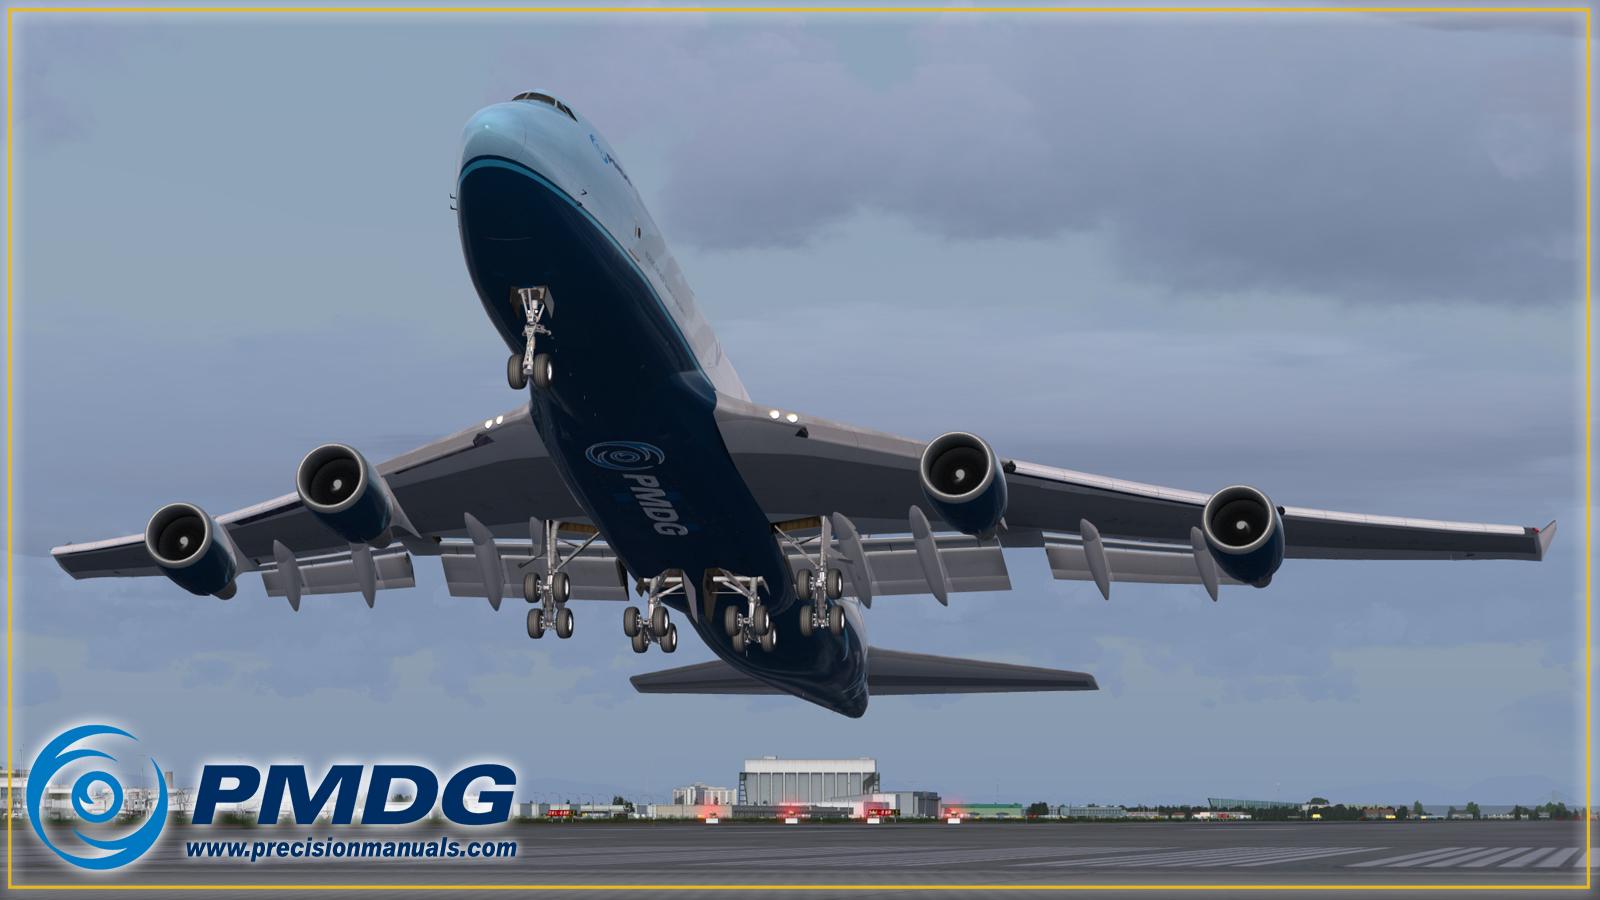 PMDG_744F_takeoff3.jpg